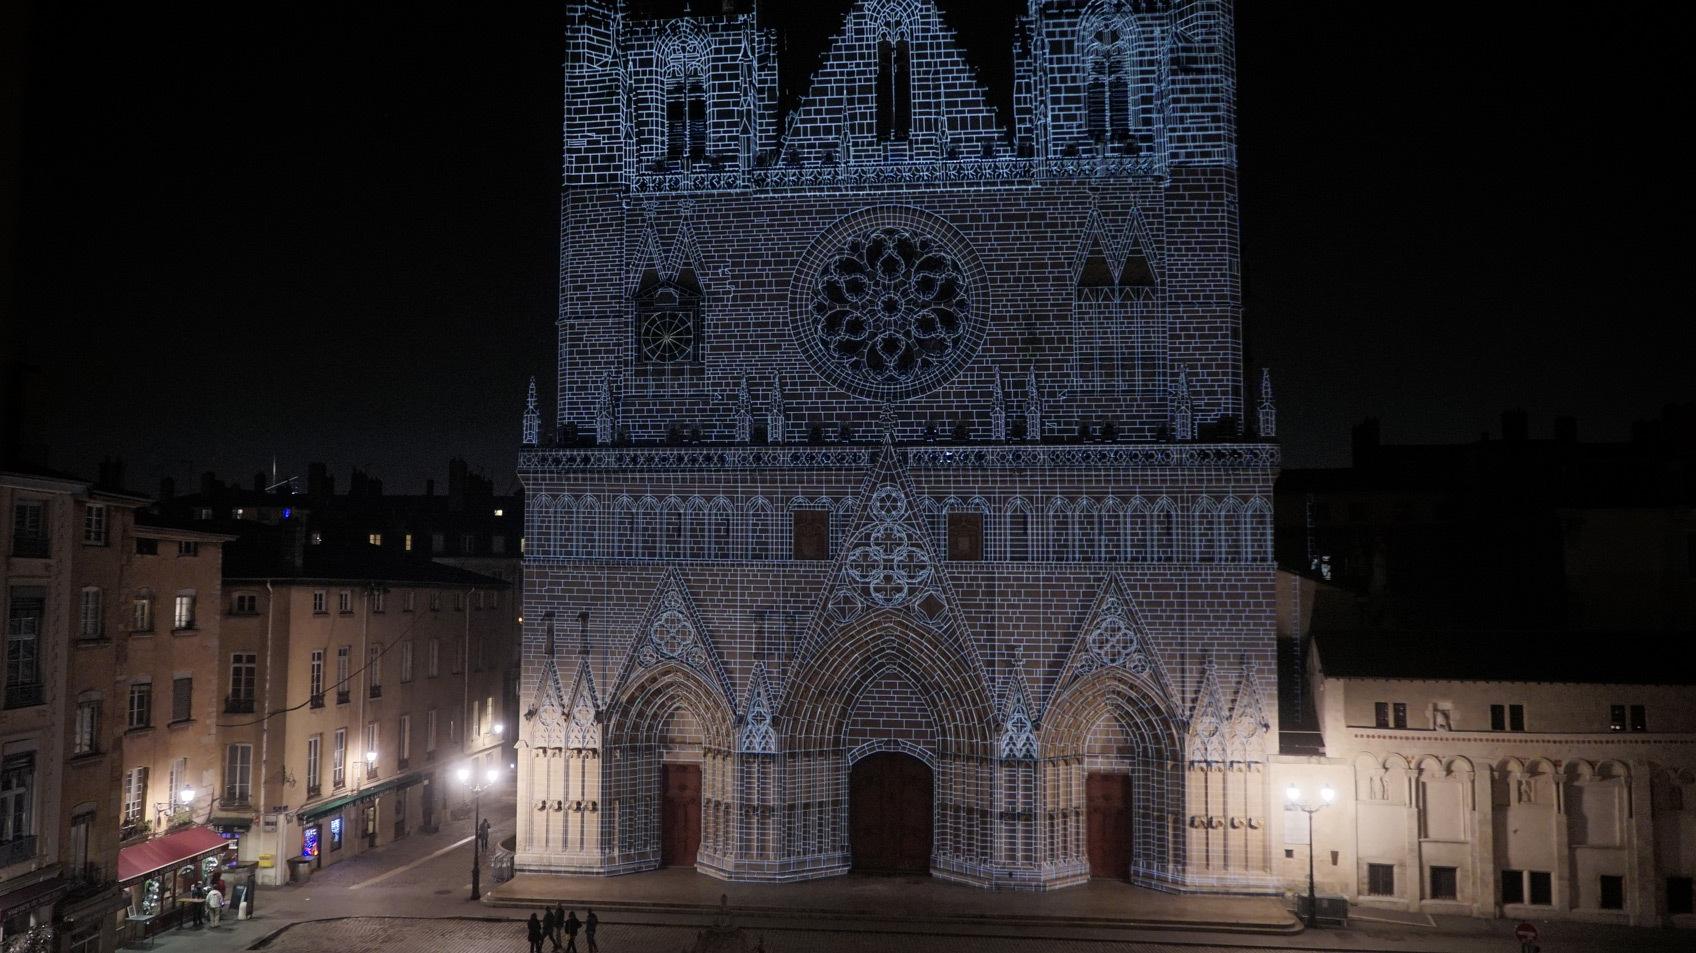 Mapping des pierres en facade evolutions cathedrale saint jean lyon france fete des - Nocturne foire de lyon 2017 ...